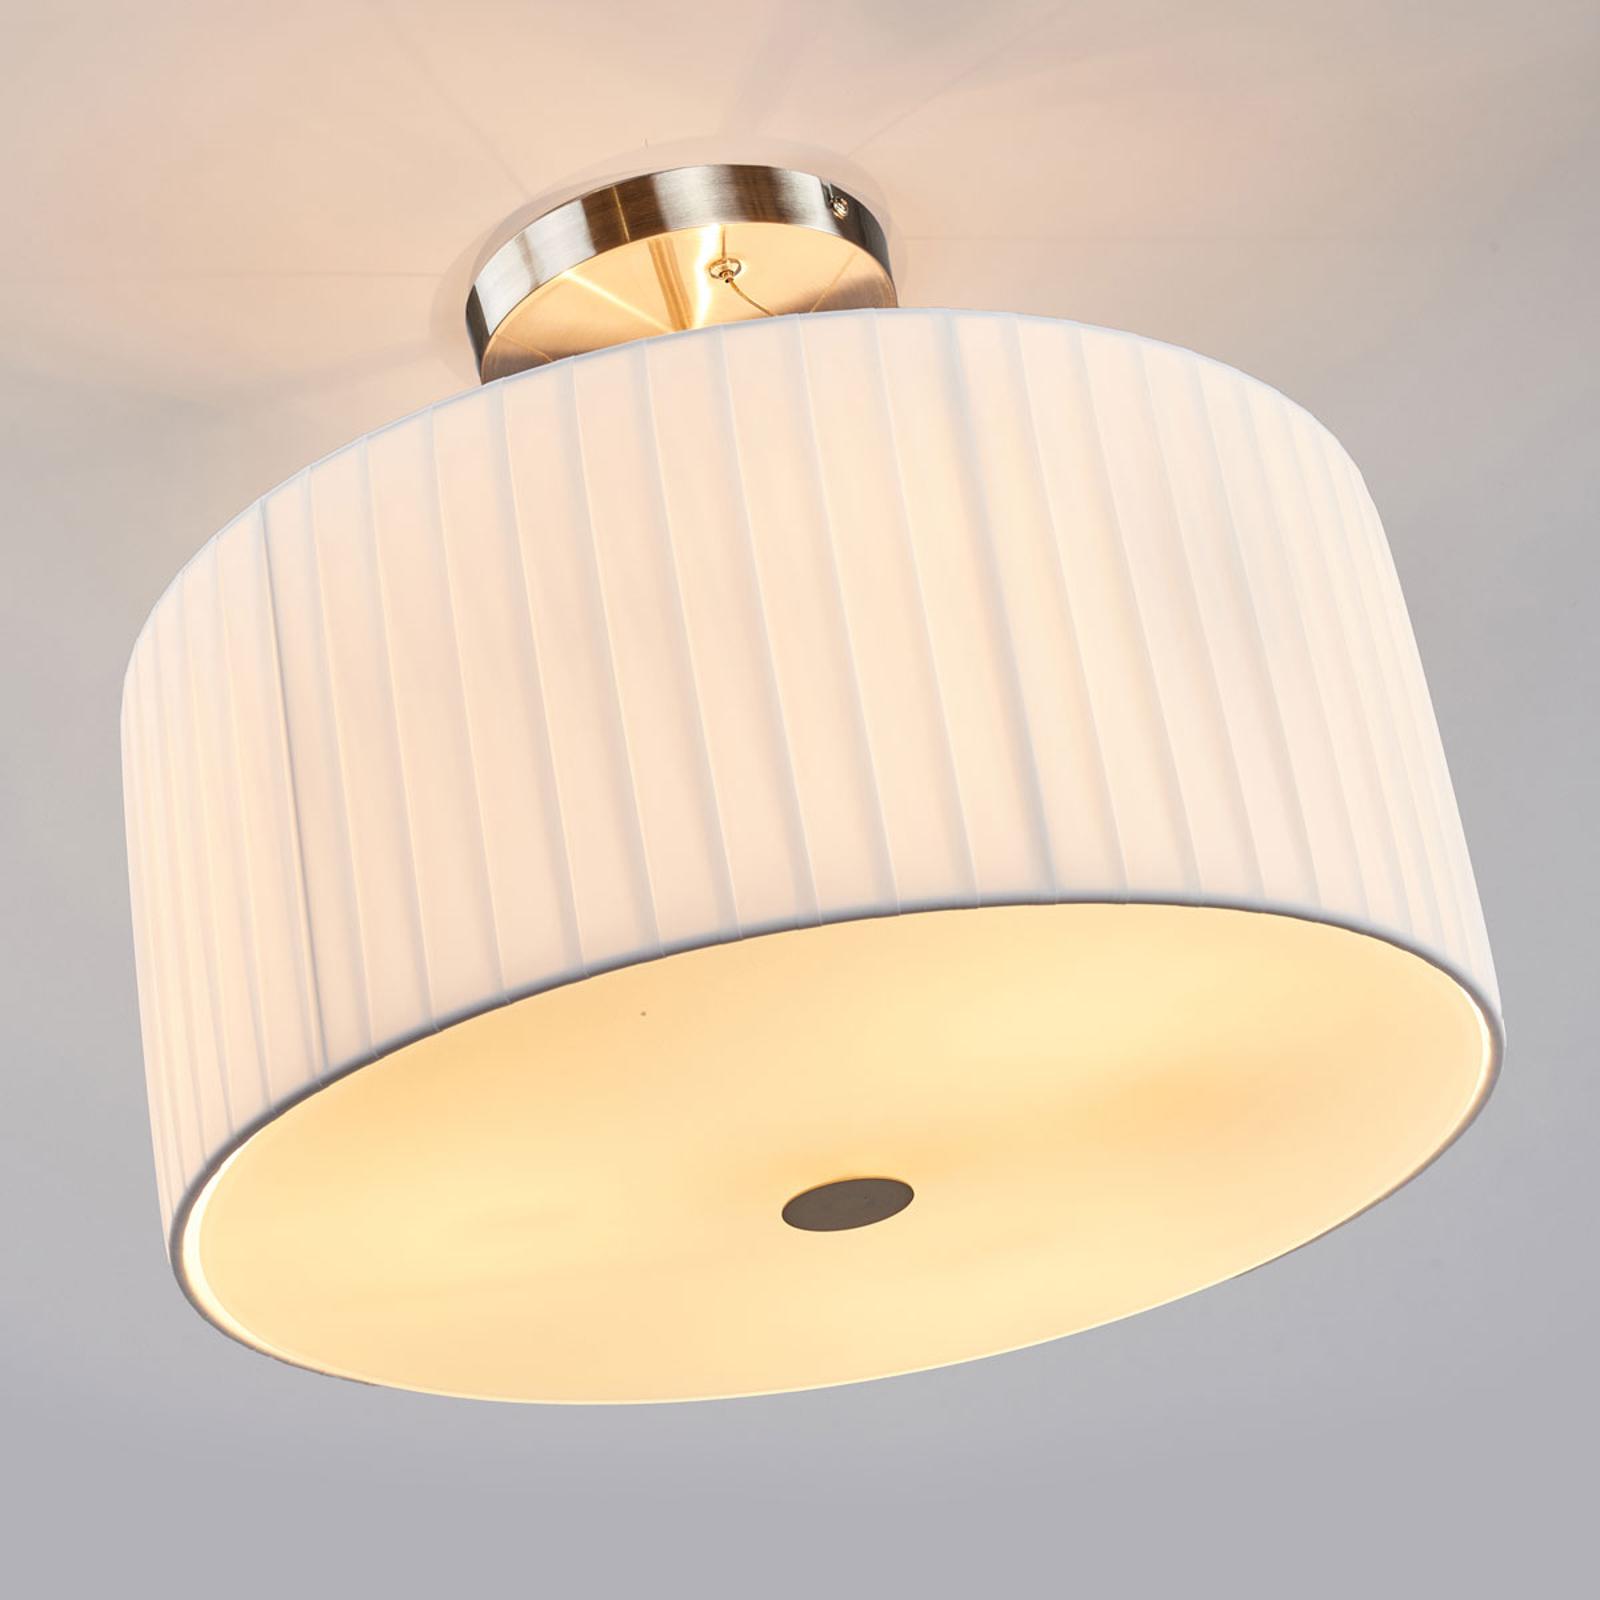 LA NUBE ceiling light_4014203_1